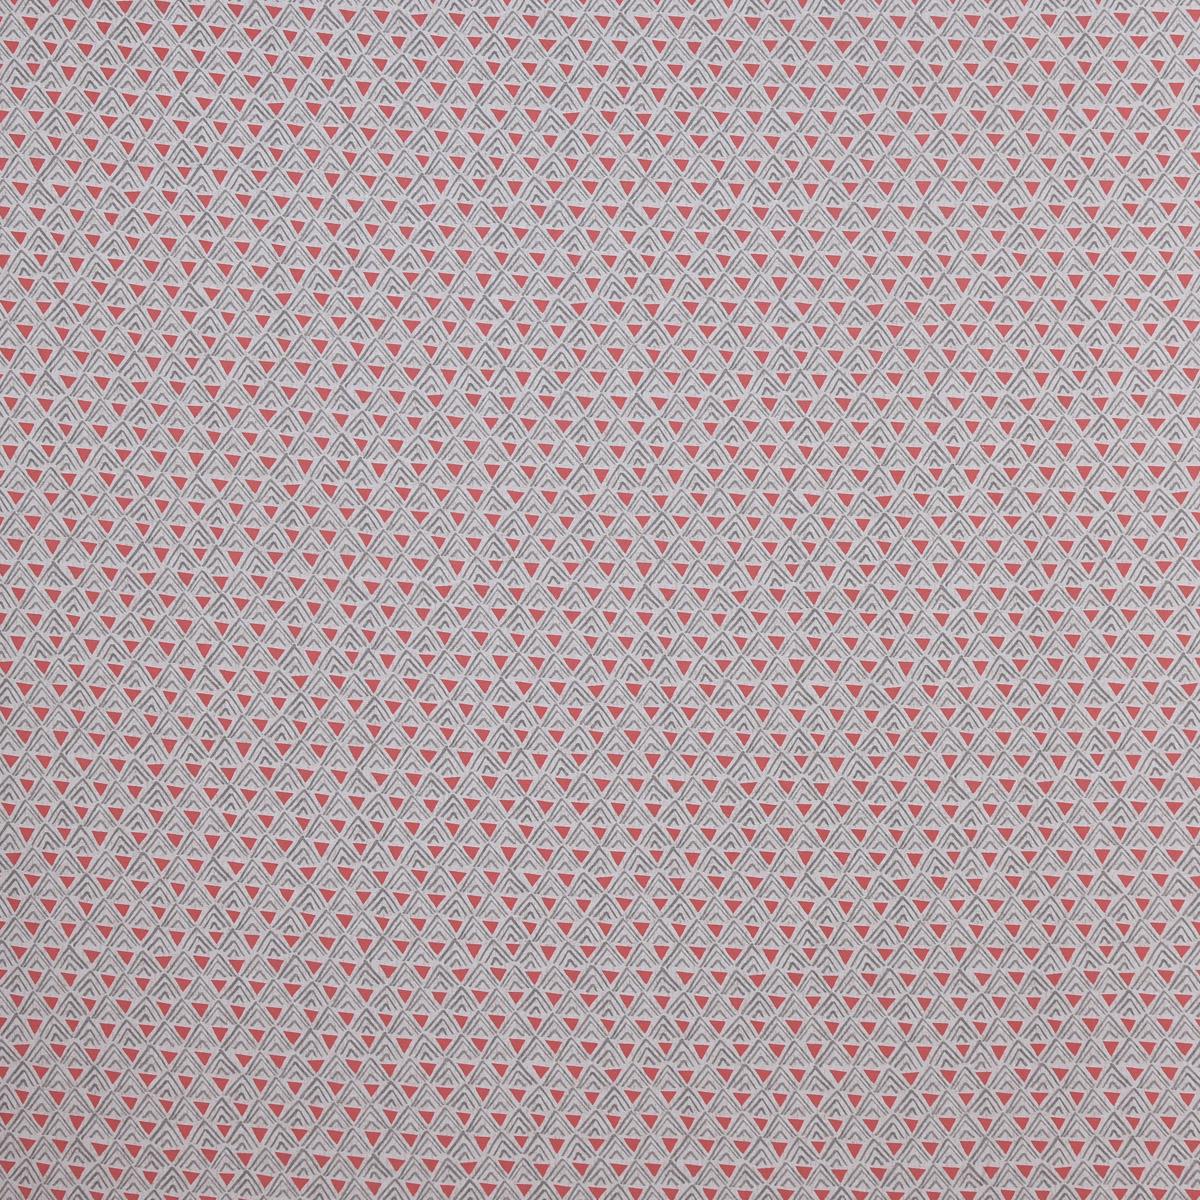 Baumwollstoff Retro Dreiecke rosa weiß